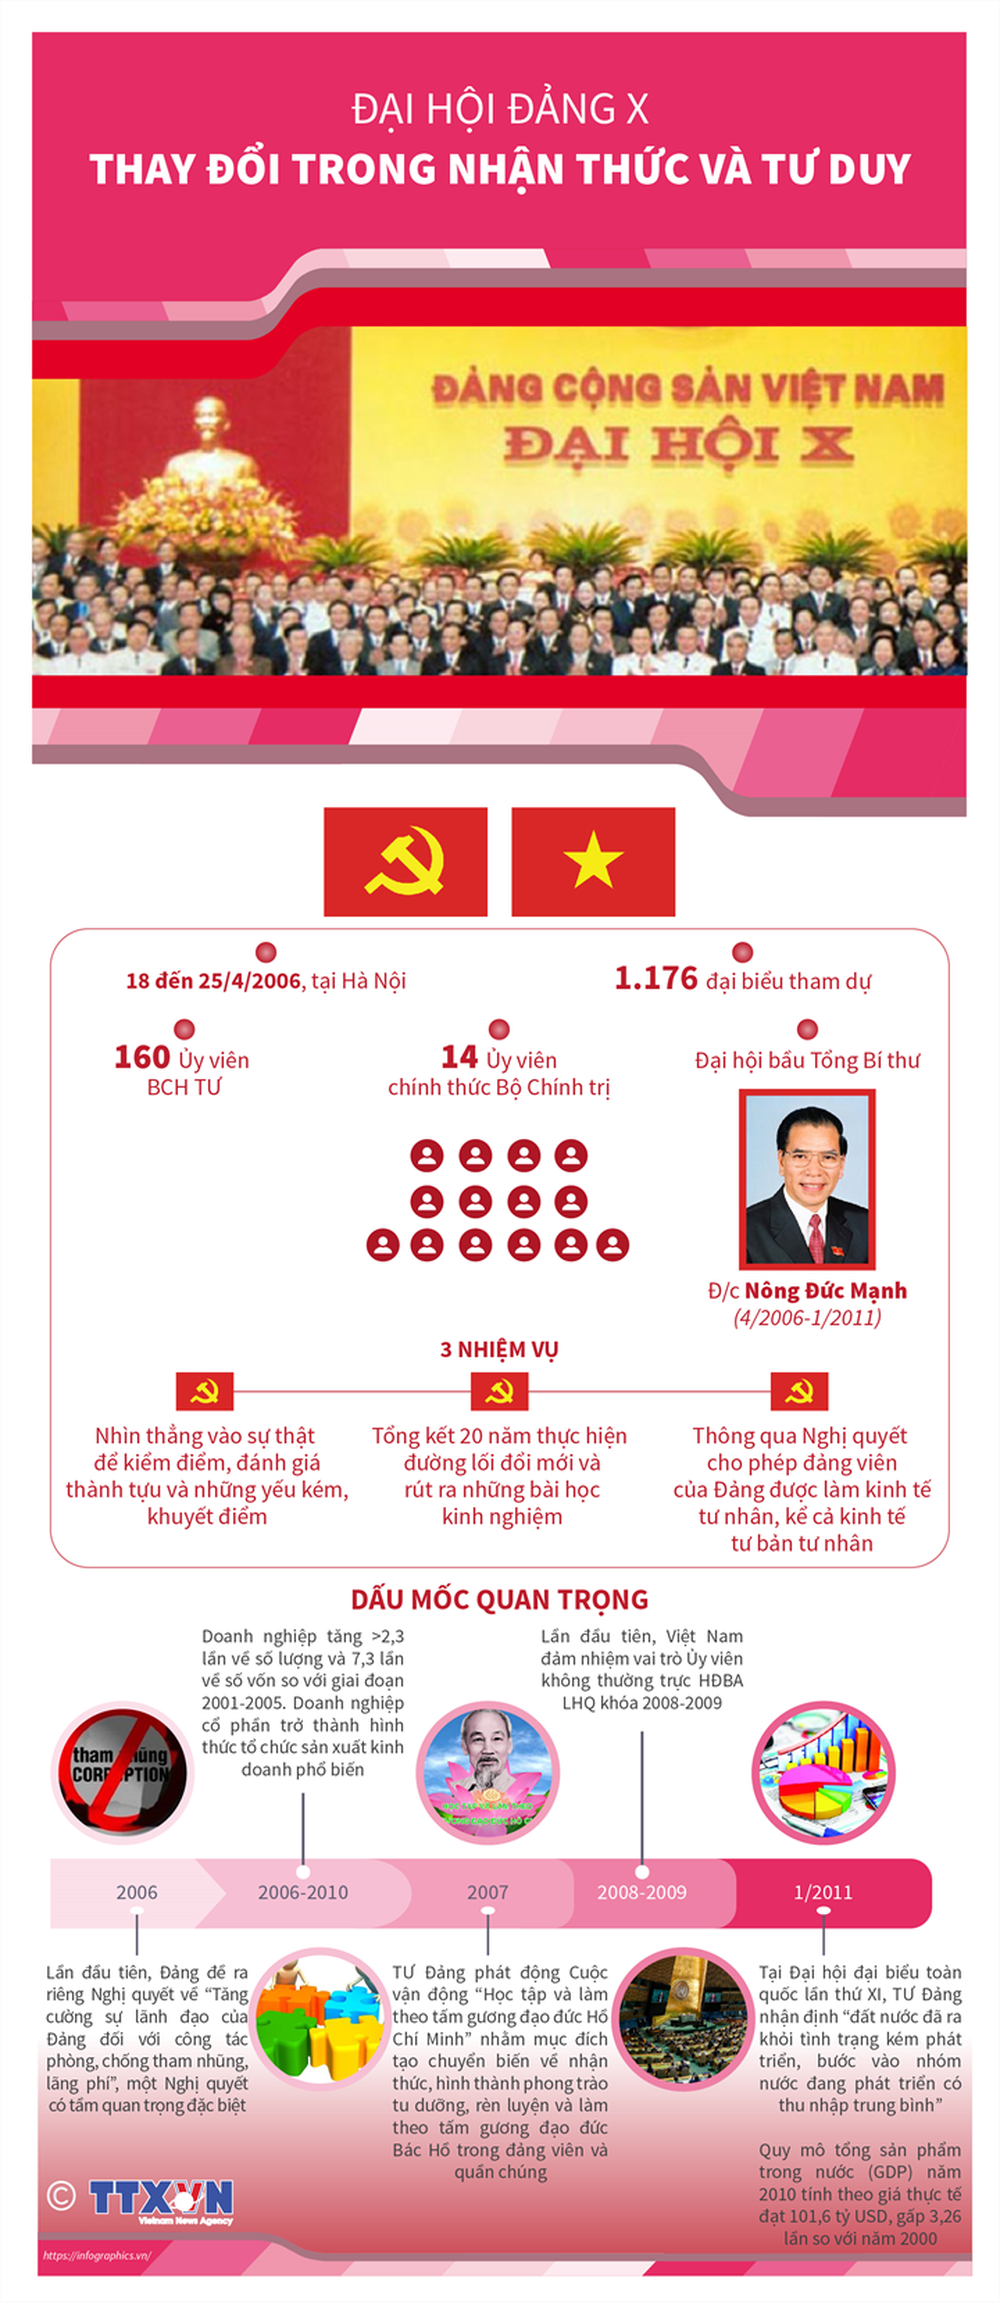 Nhìn lại 12 kỳ Đại hội của Đảng Cộng sản Việt Nam - Ảnh 10.